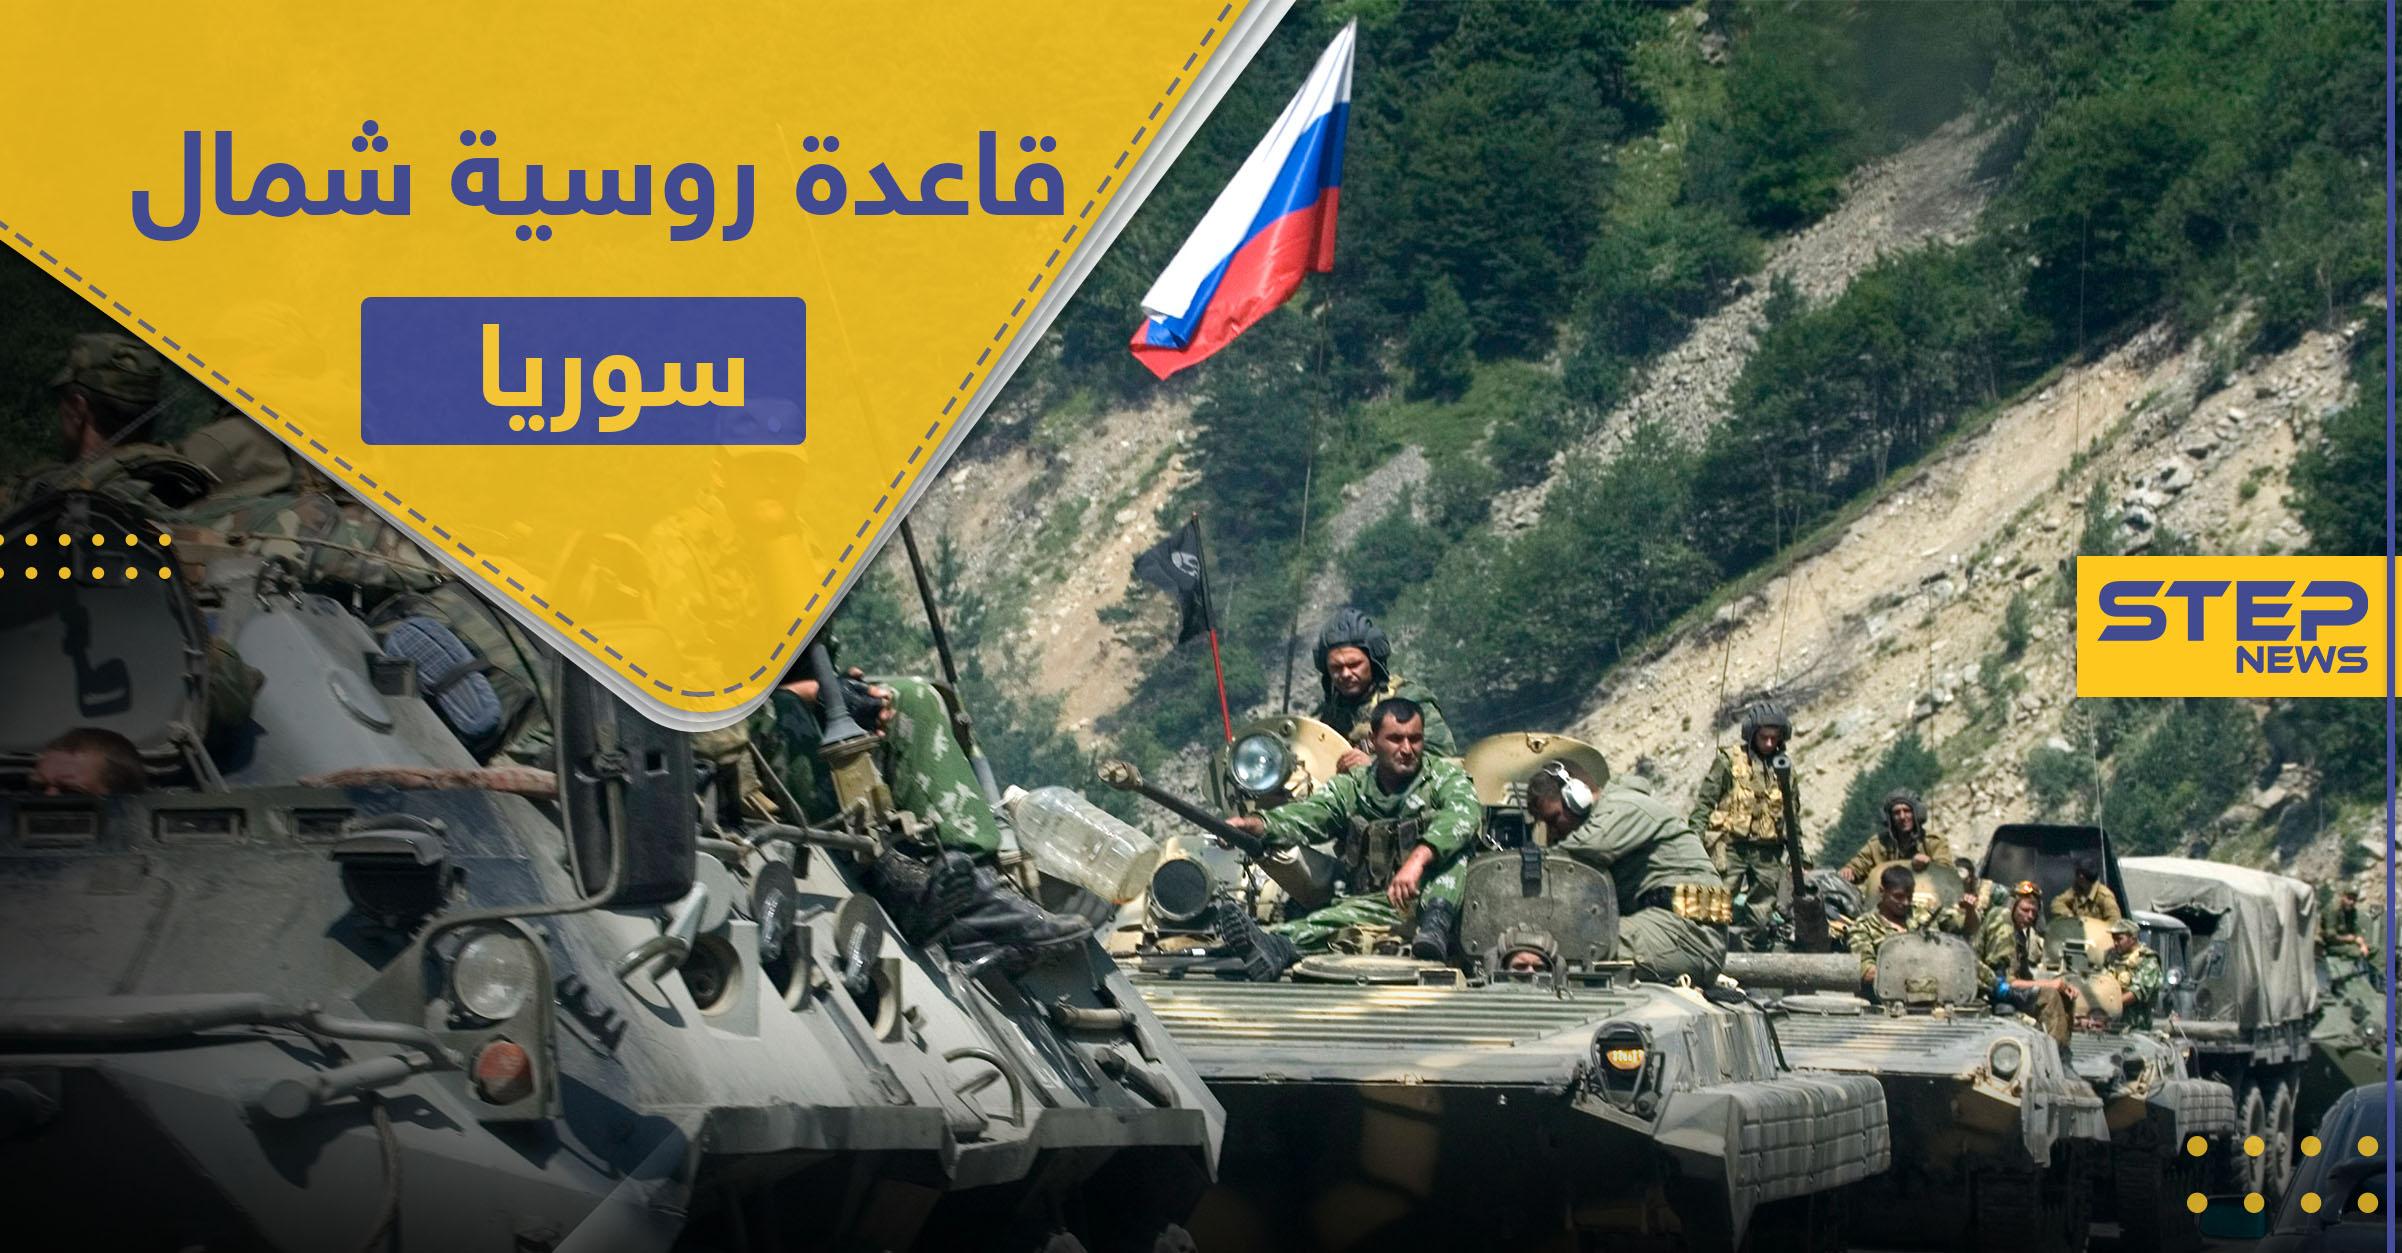 قاعدة عسكرية روسية شمال سوريا